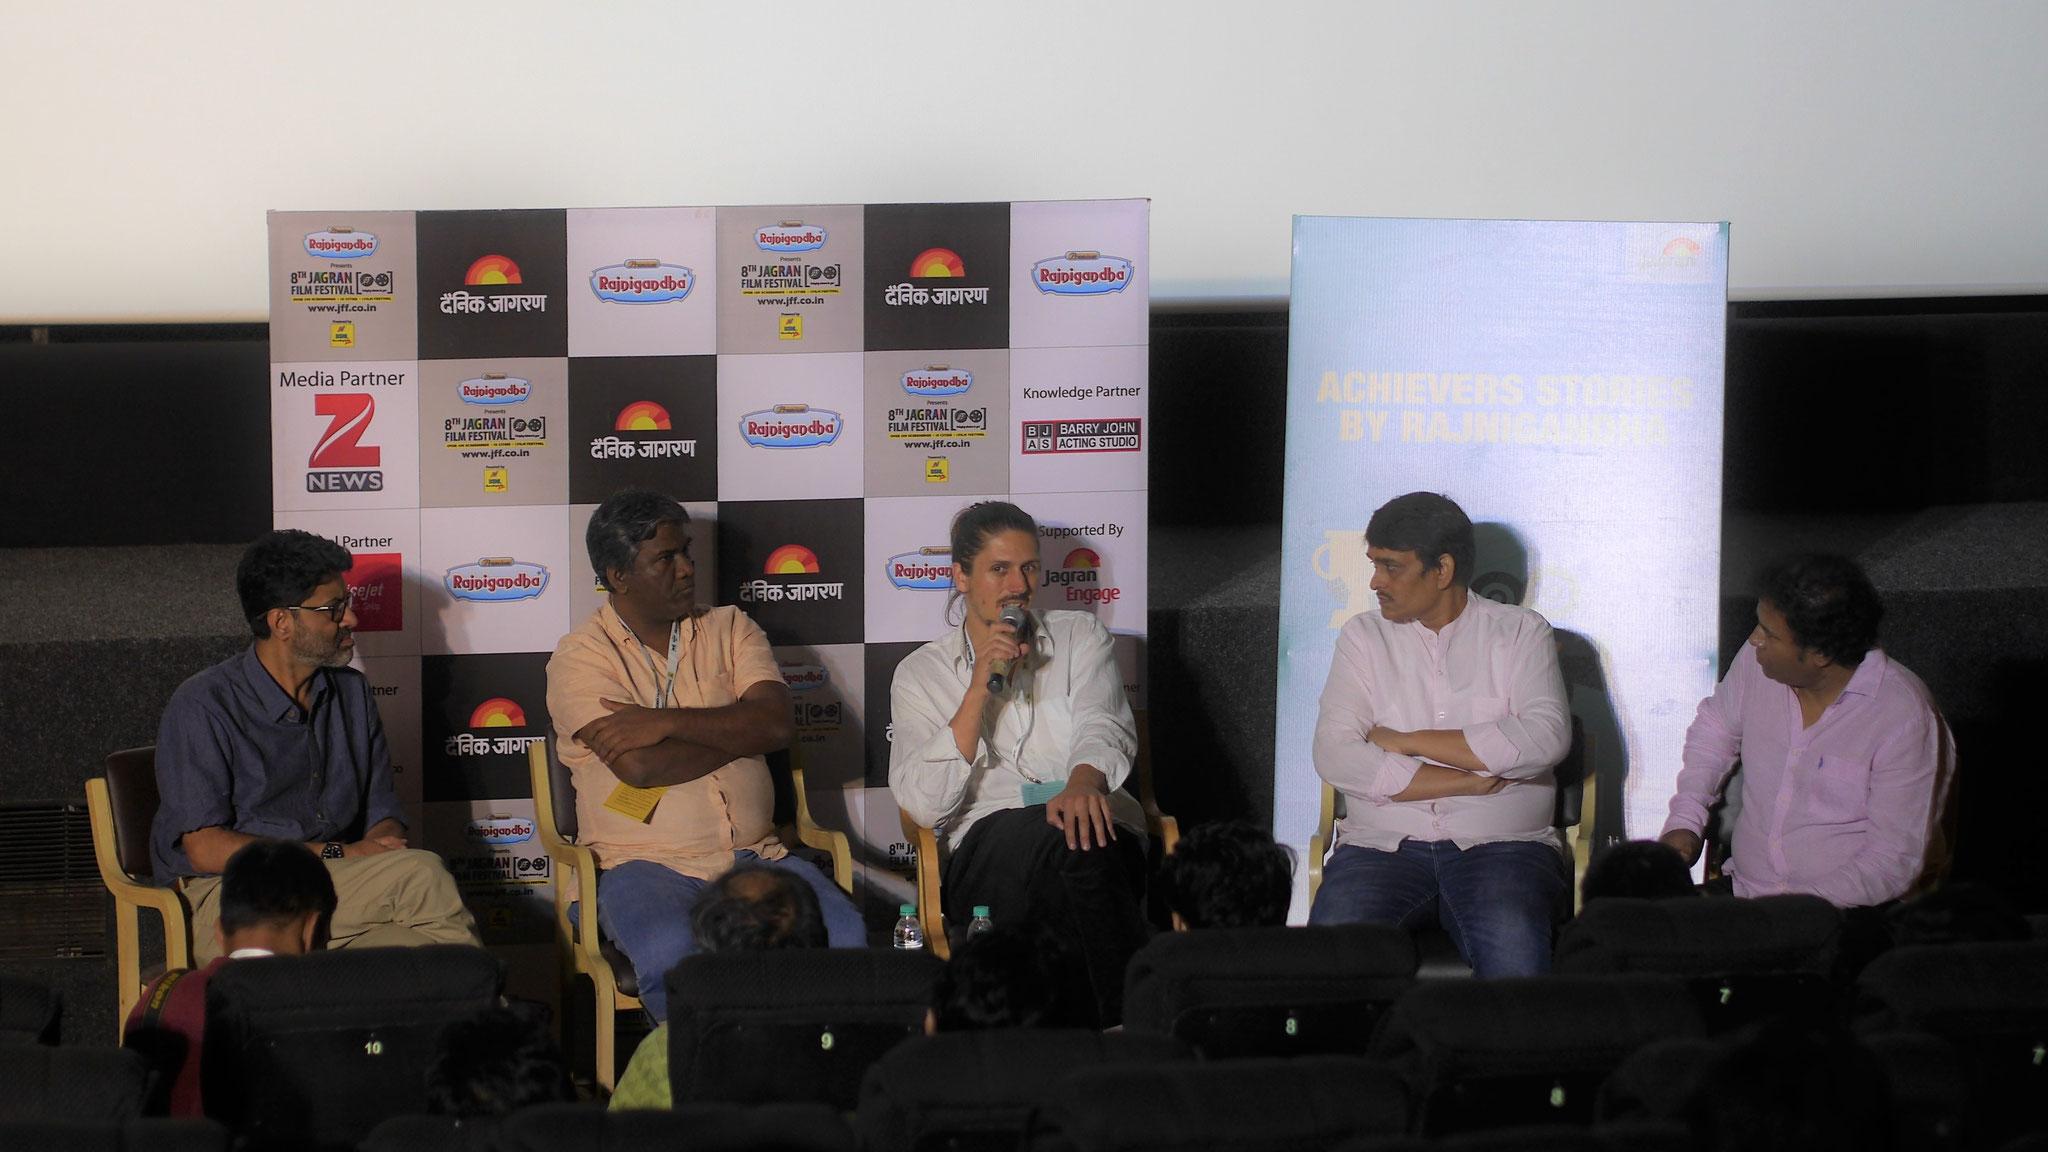 Podiumsdiskussion in Mumbai (India)